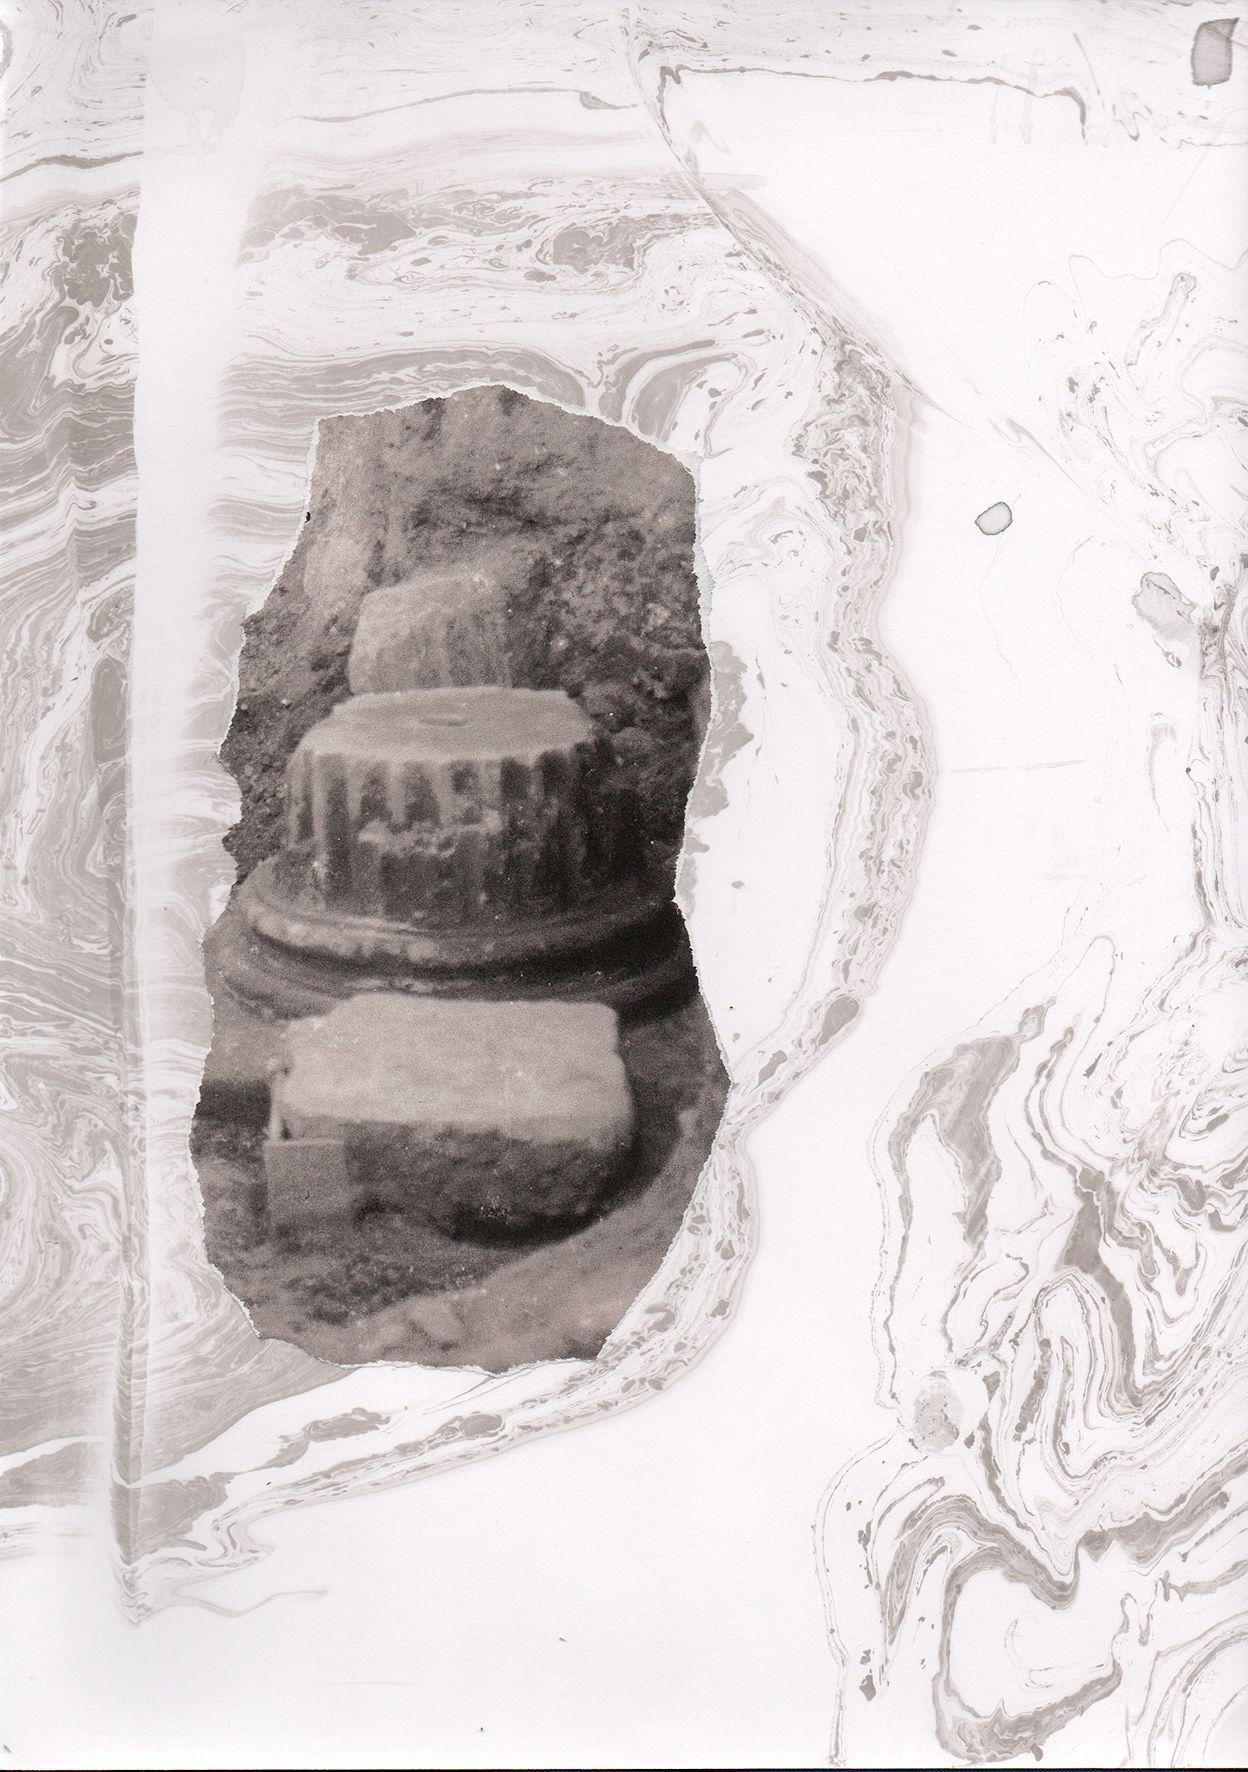 ruines-les-colonnes21x29-f0cdd478c8152ccc30f43a70ec3c8448